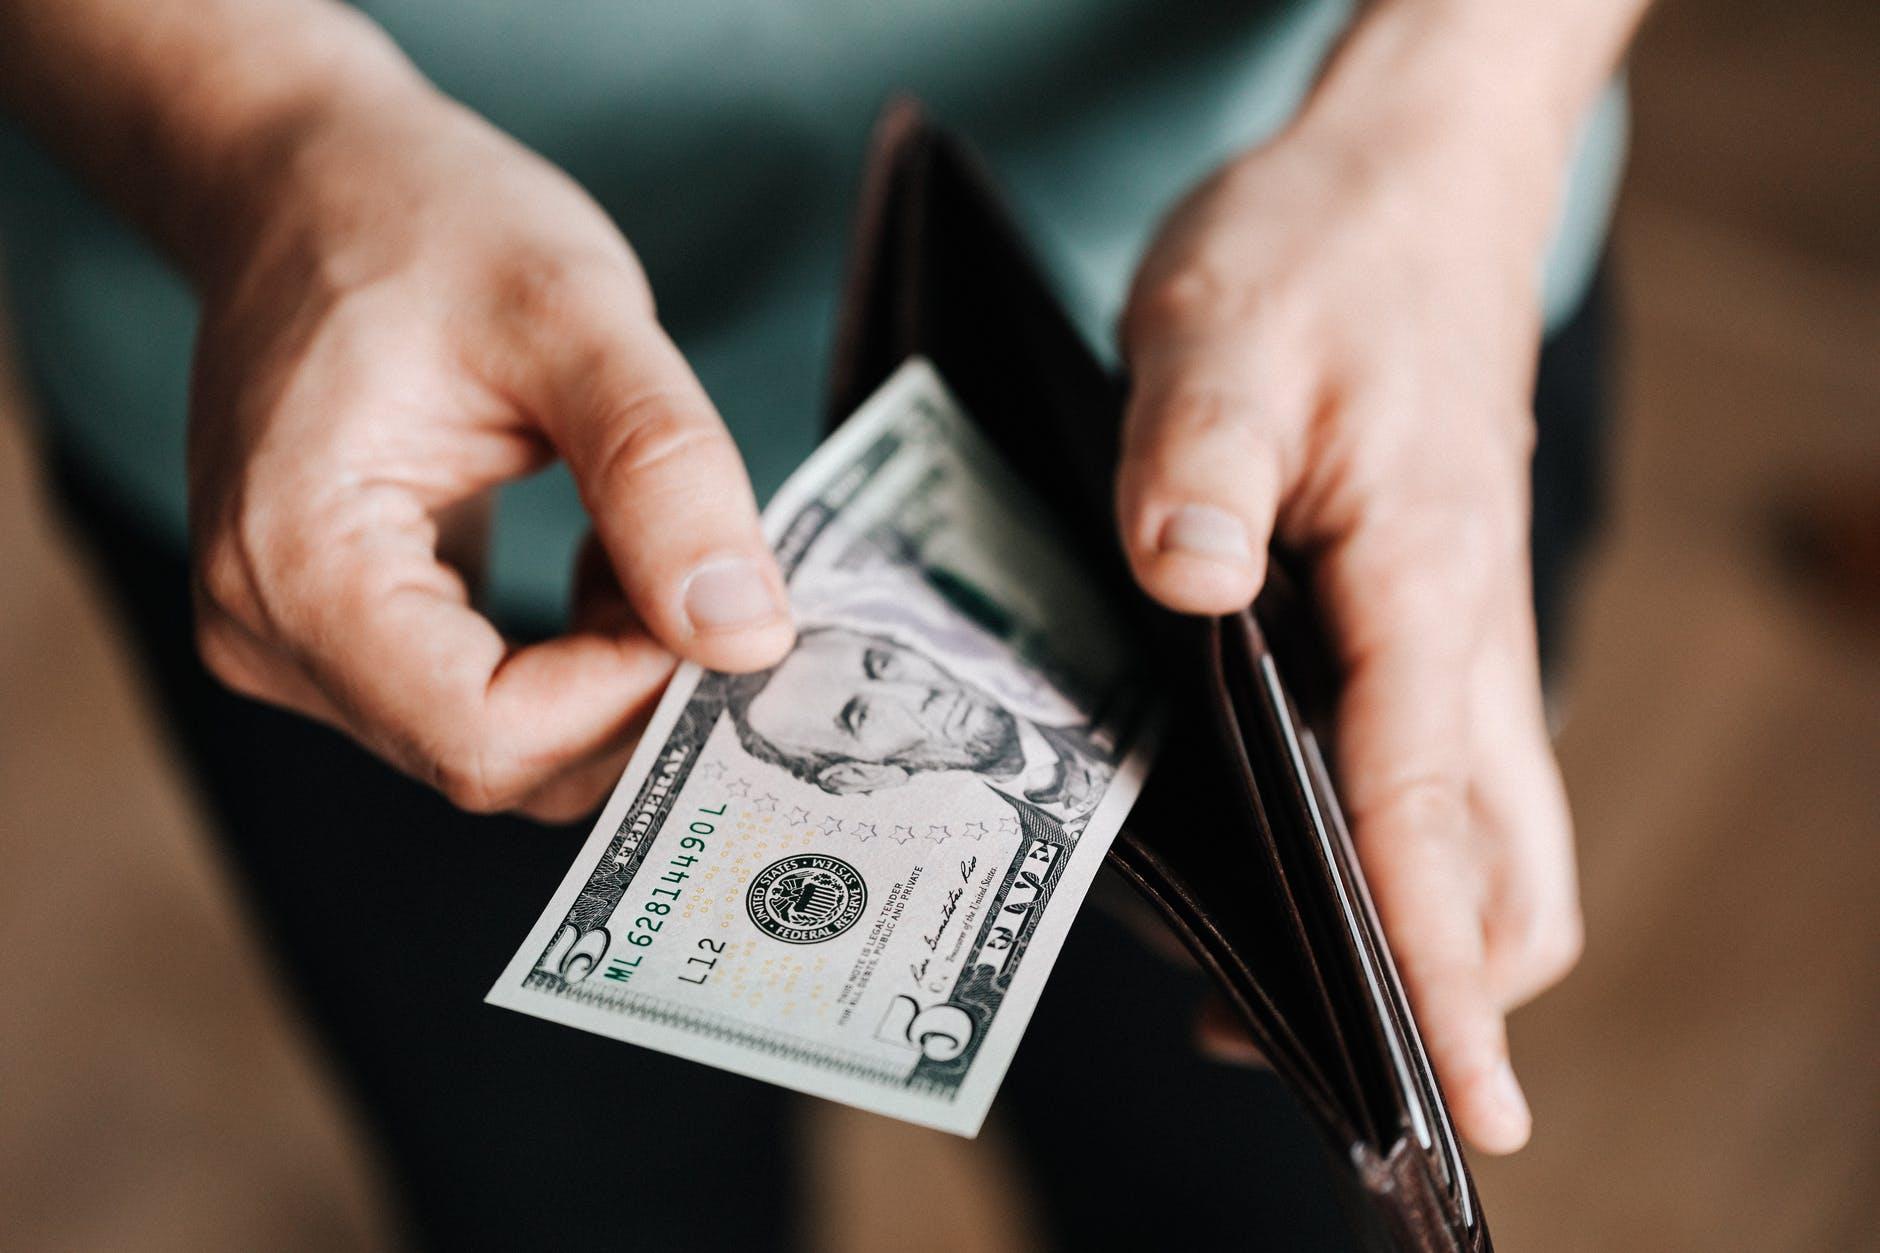 Läsarfråga: Bästa budgetkniven?